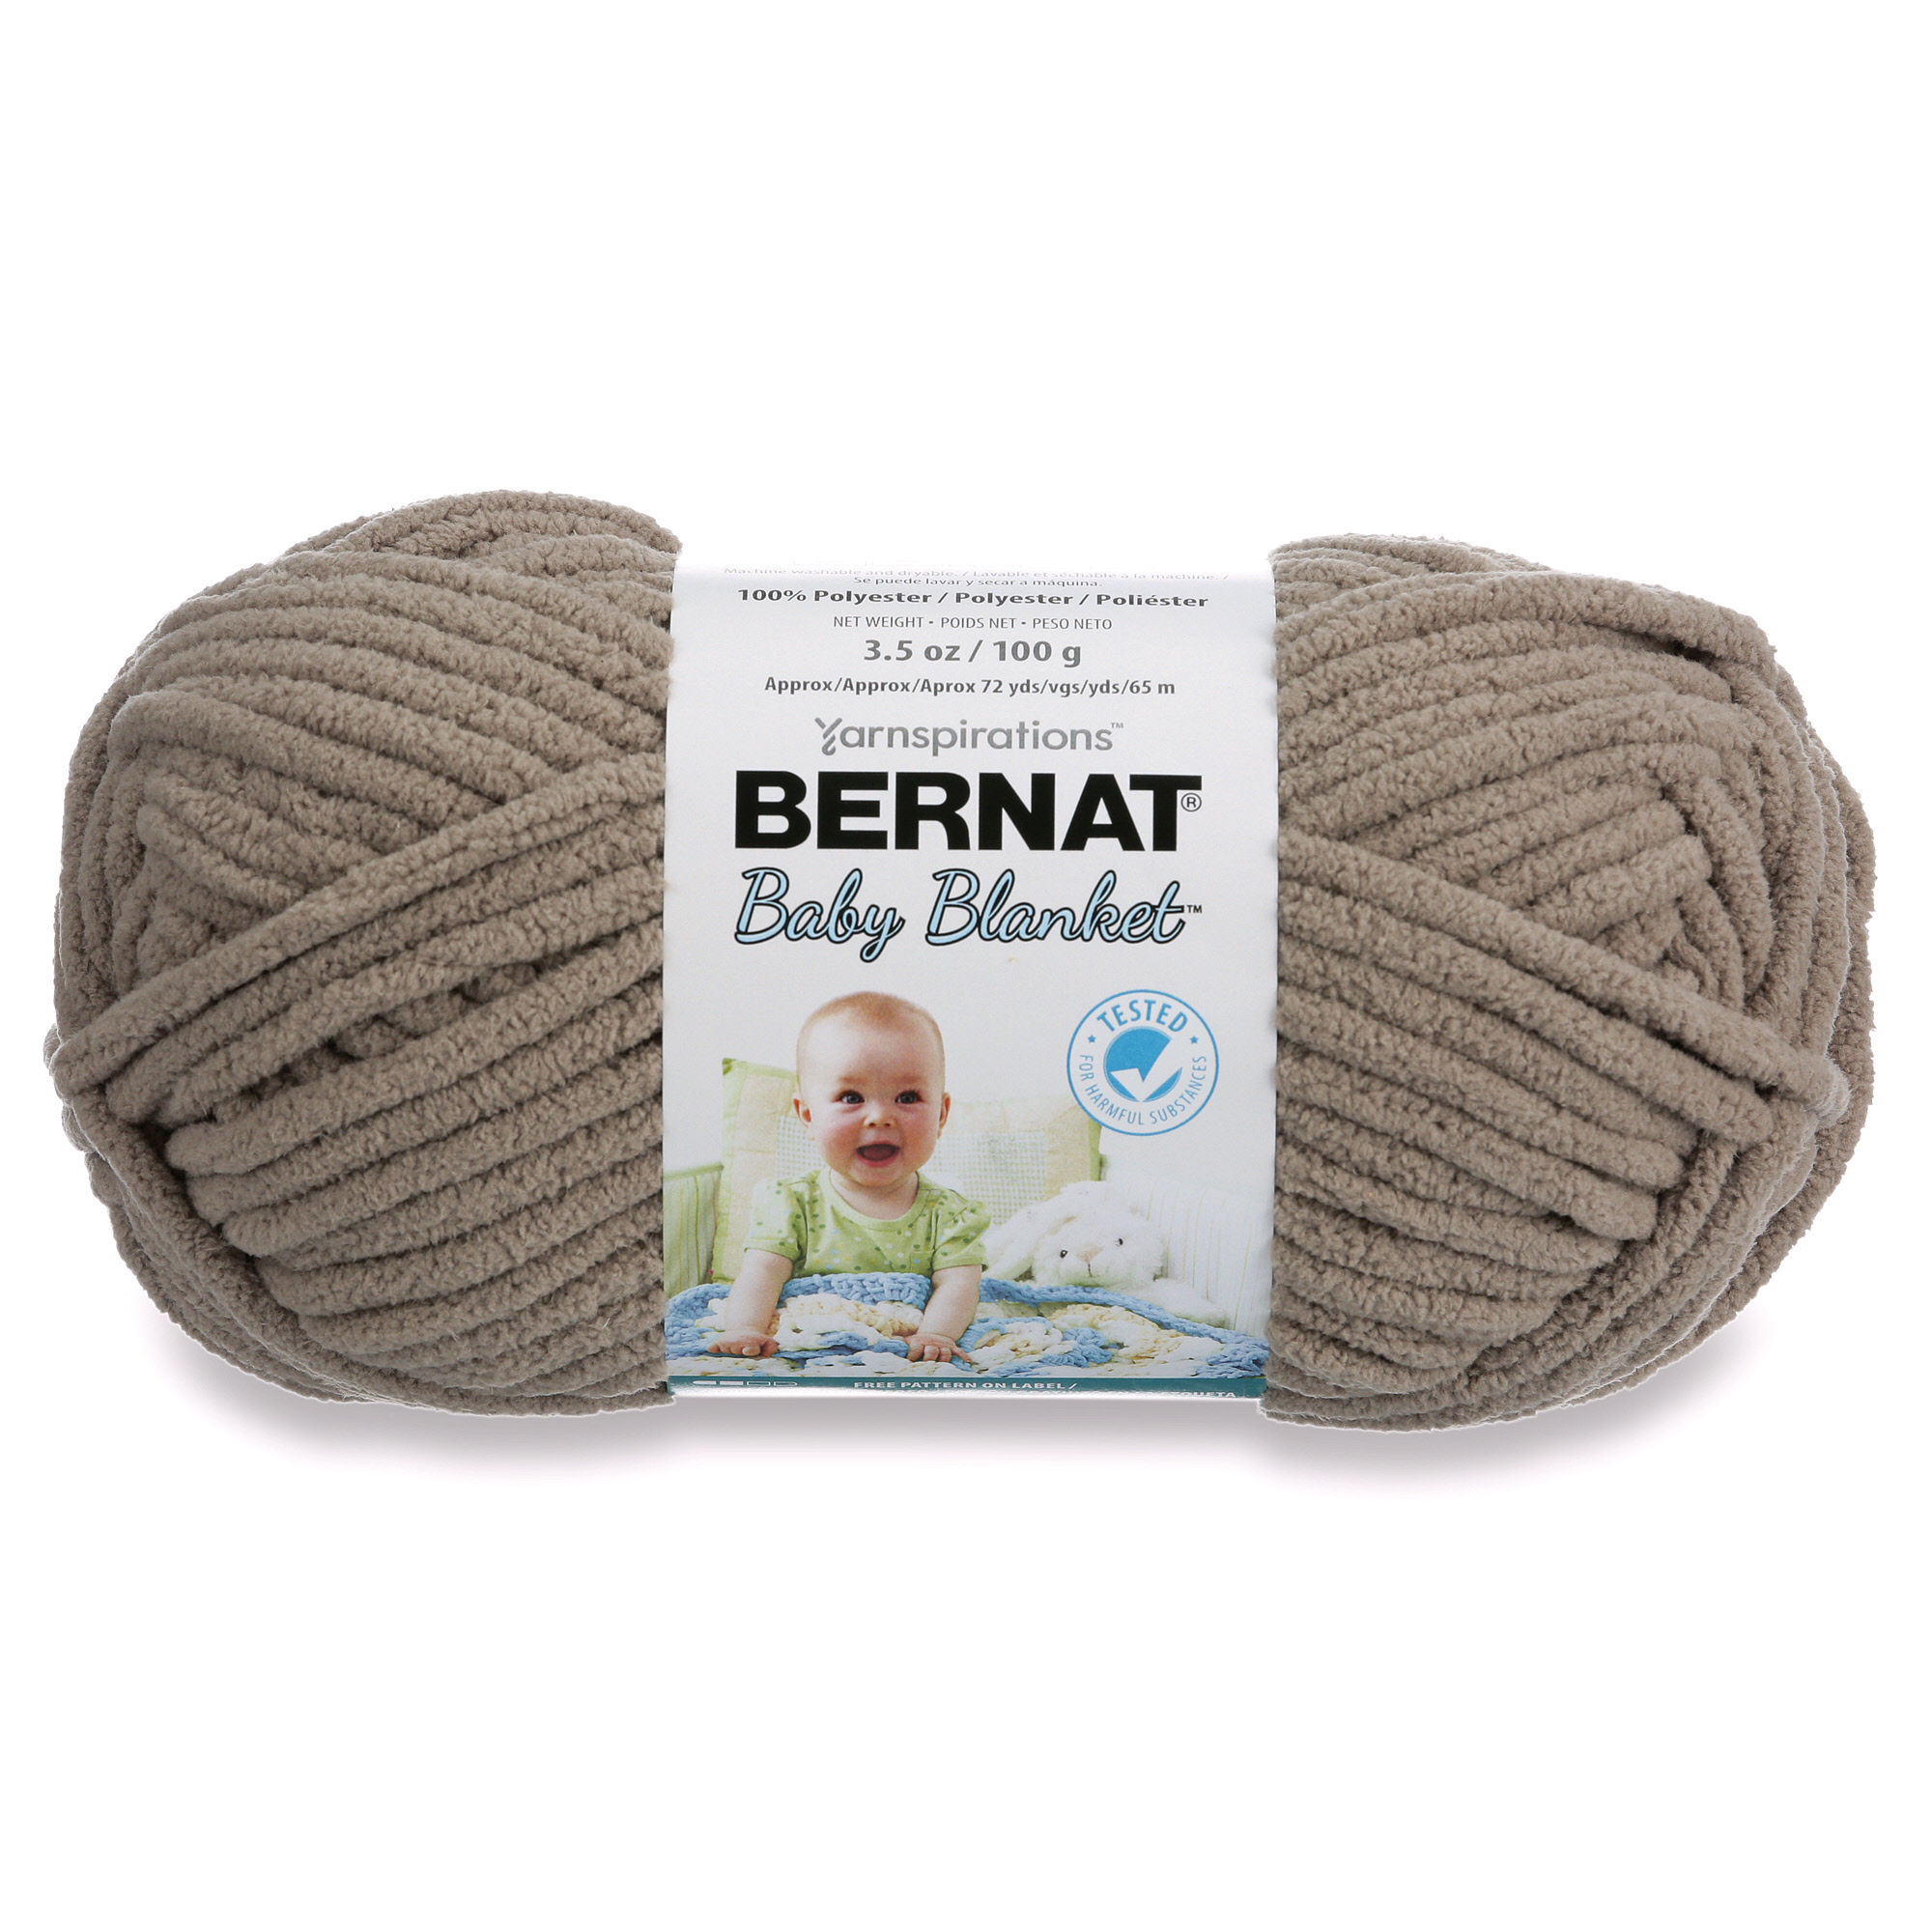 Bernat Baby Blanket Pink Blue Ombre Yarn, 1 Each